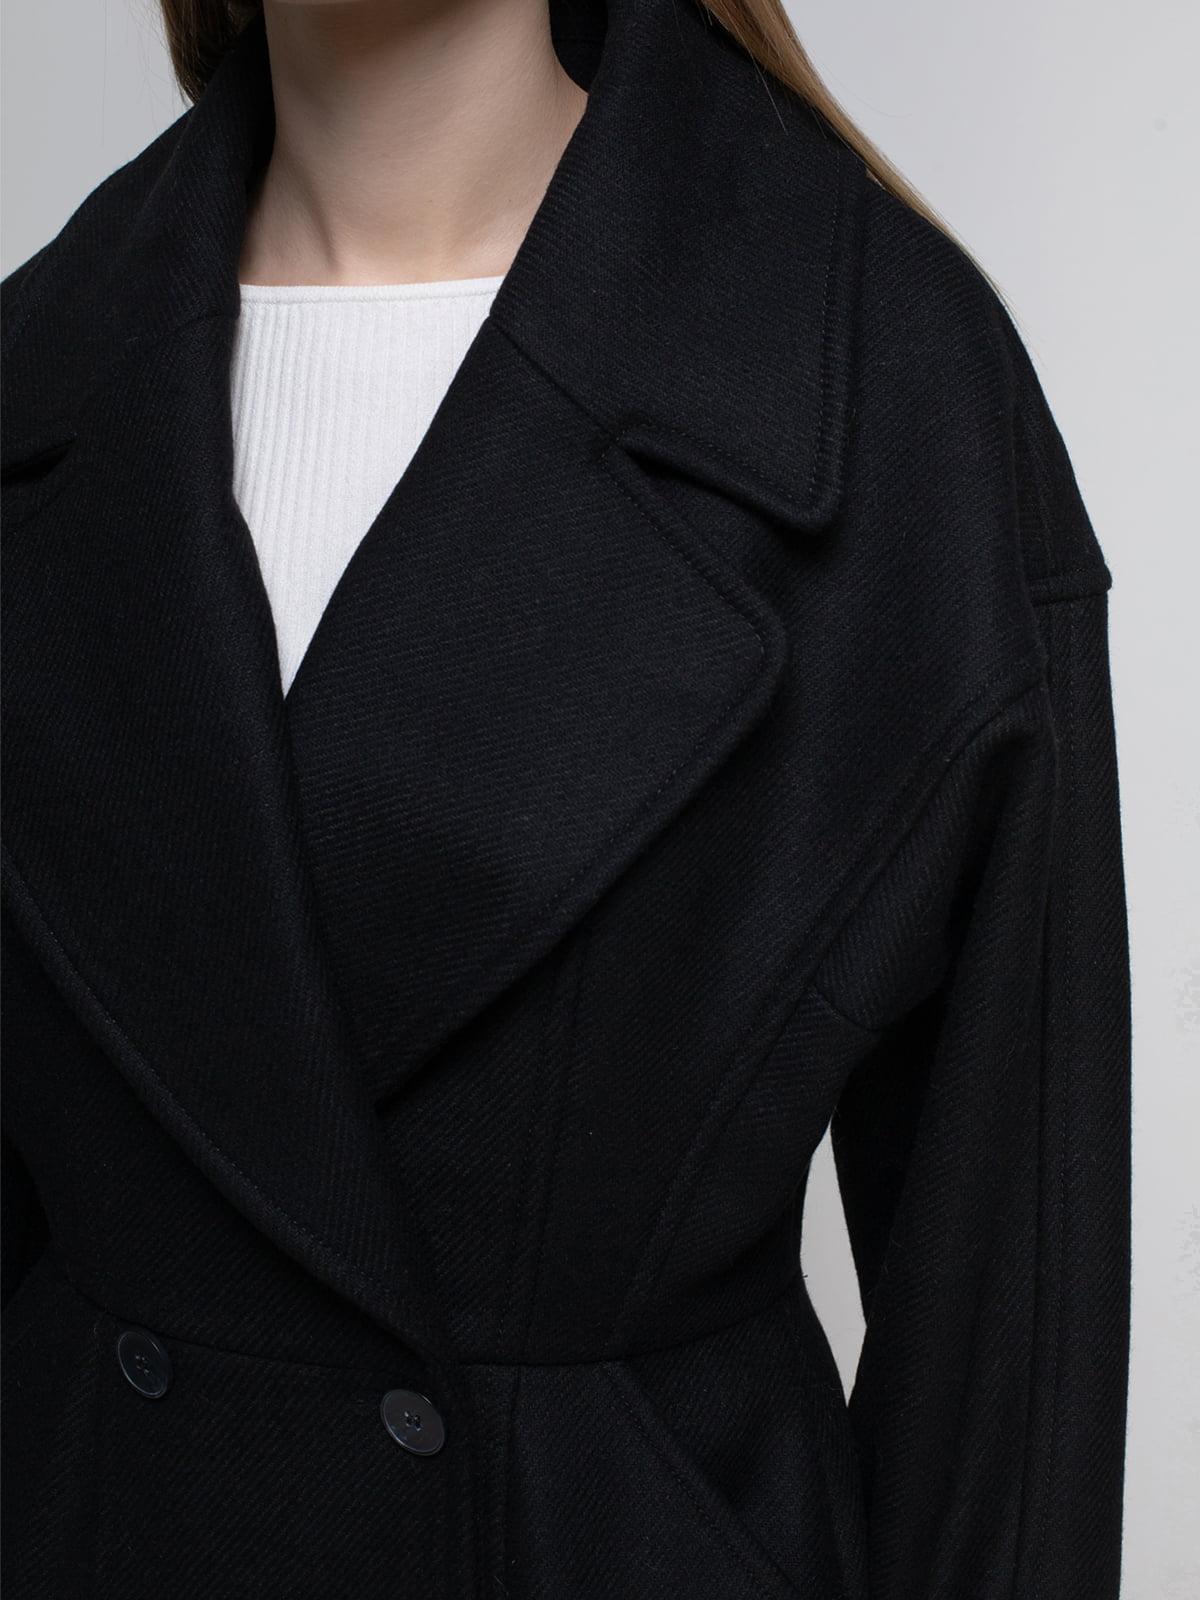 Пальто черное | 3612713 | фото 4